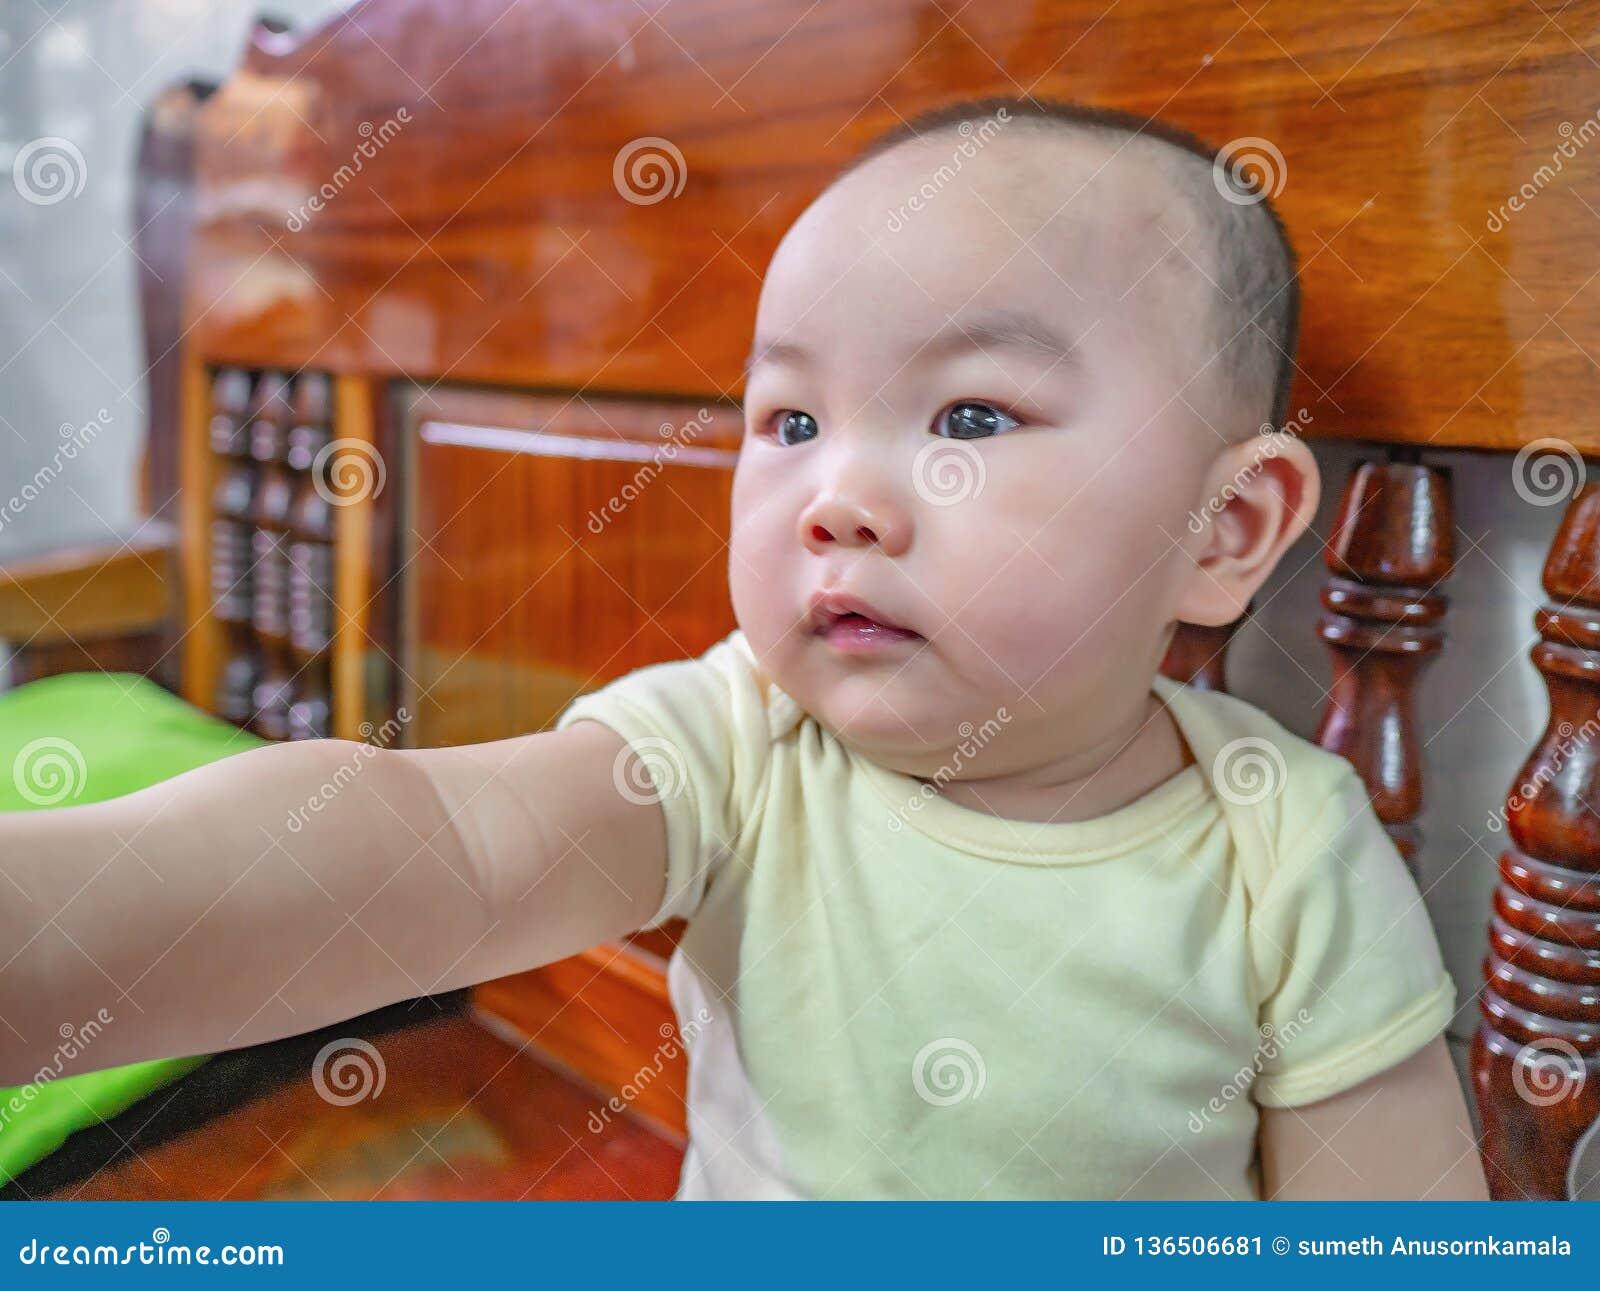 Фото портрета Cutie и красивого азиатского мальчика